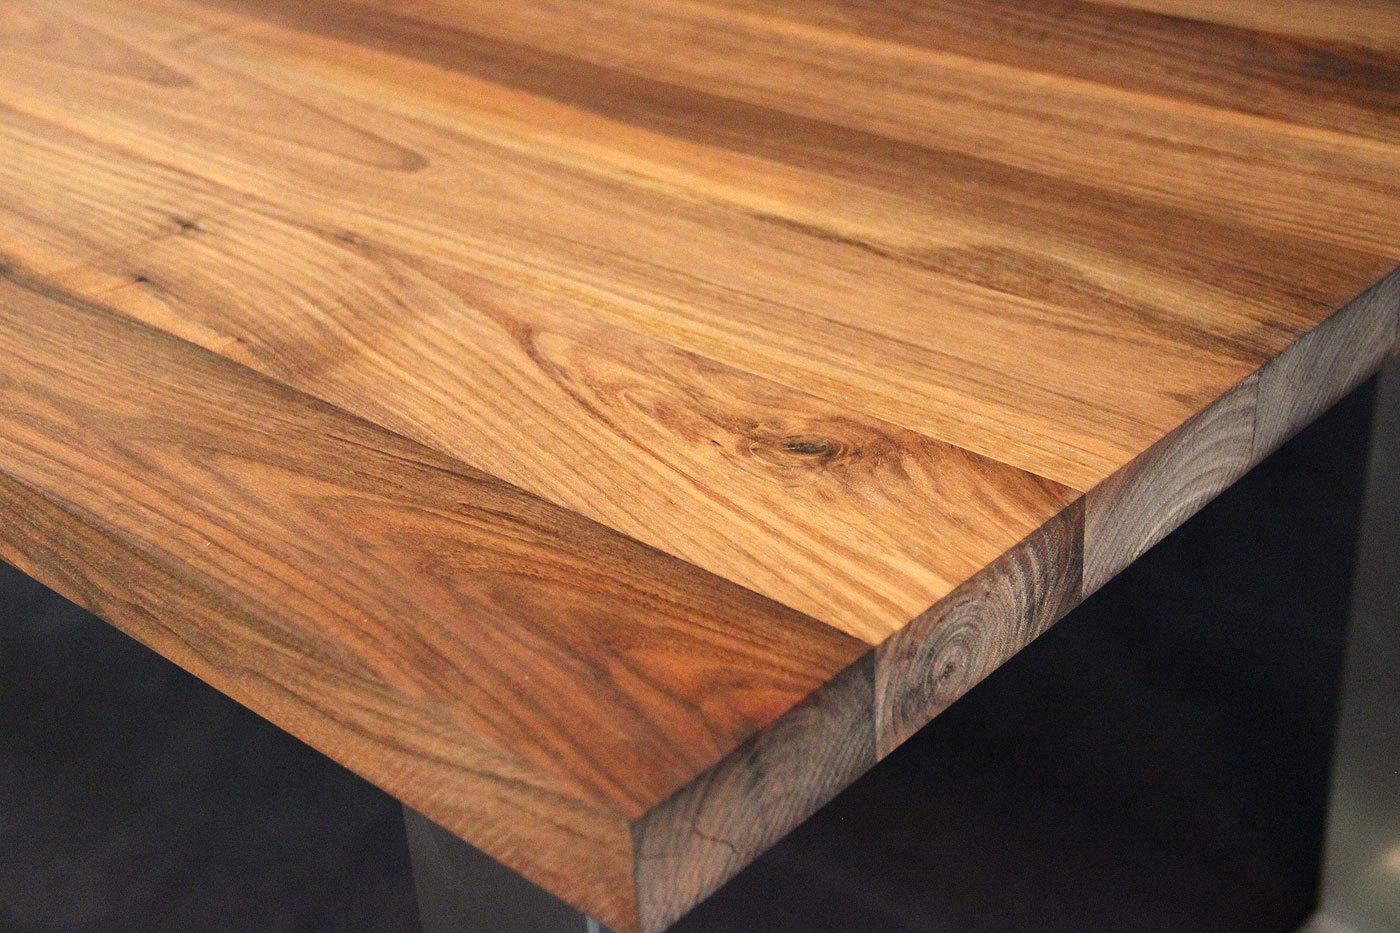 Massivholz comforafrica for Arbeitsplatten massivholz